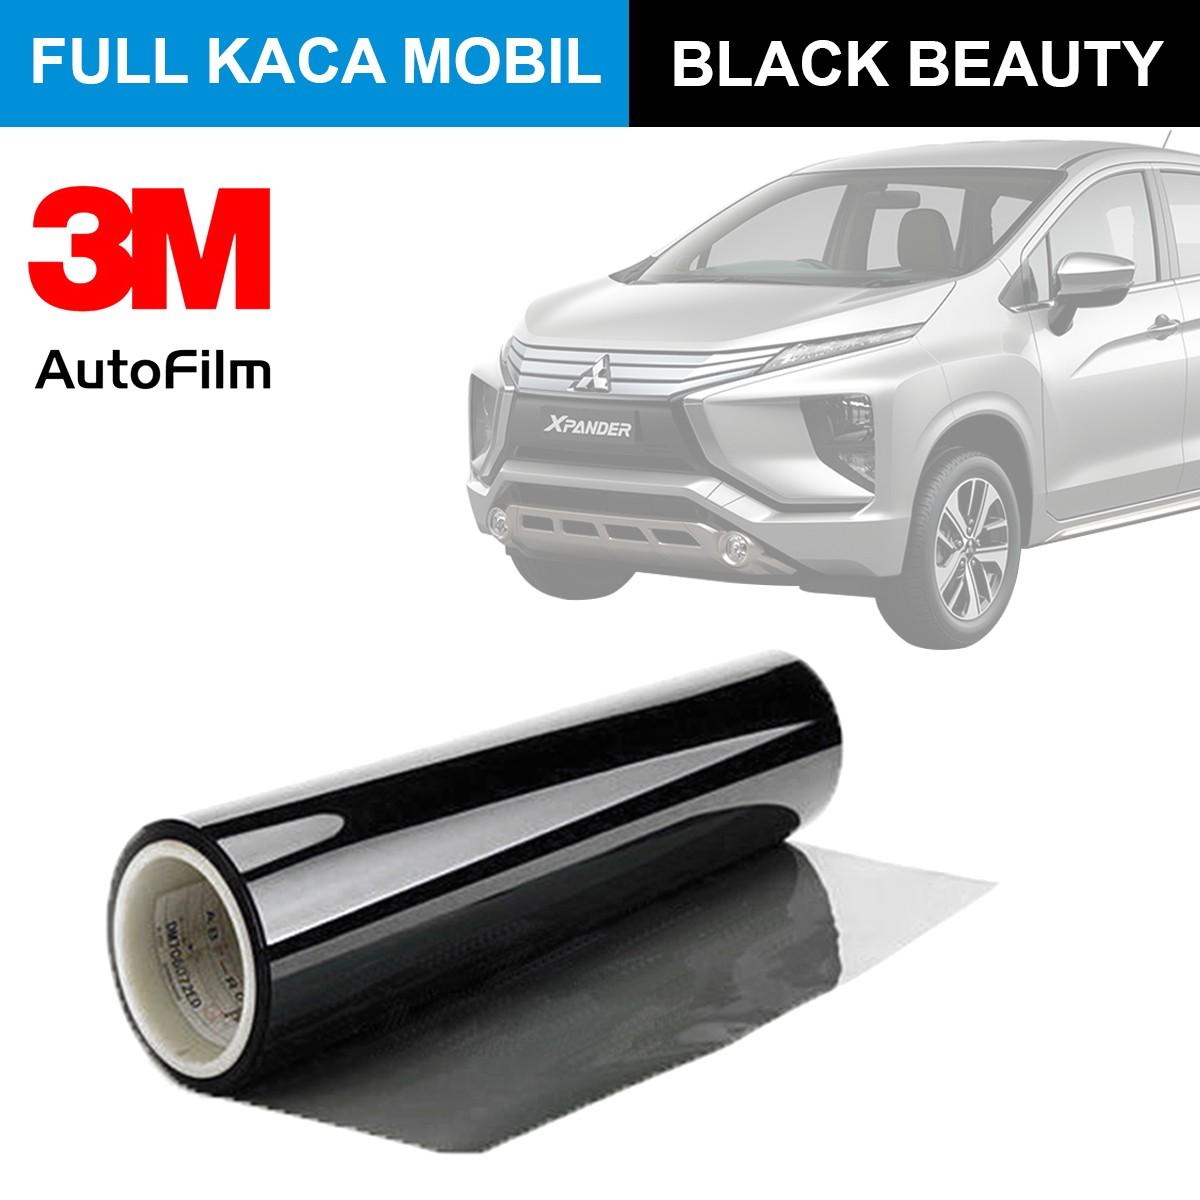 KACA FILM 3M BLACK BEAUTY - (MEDIUM CAR) FULL KACA